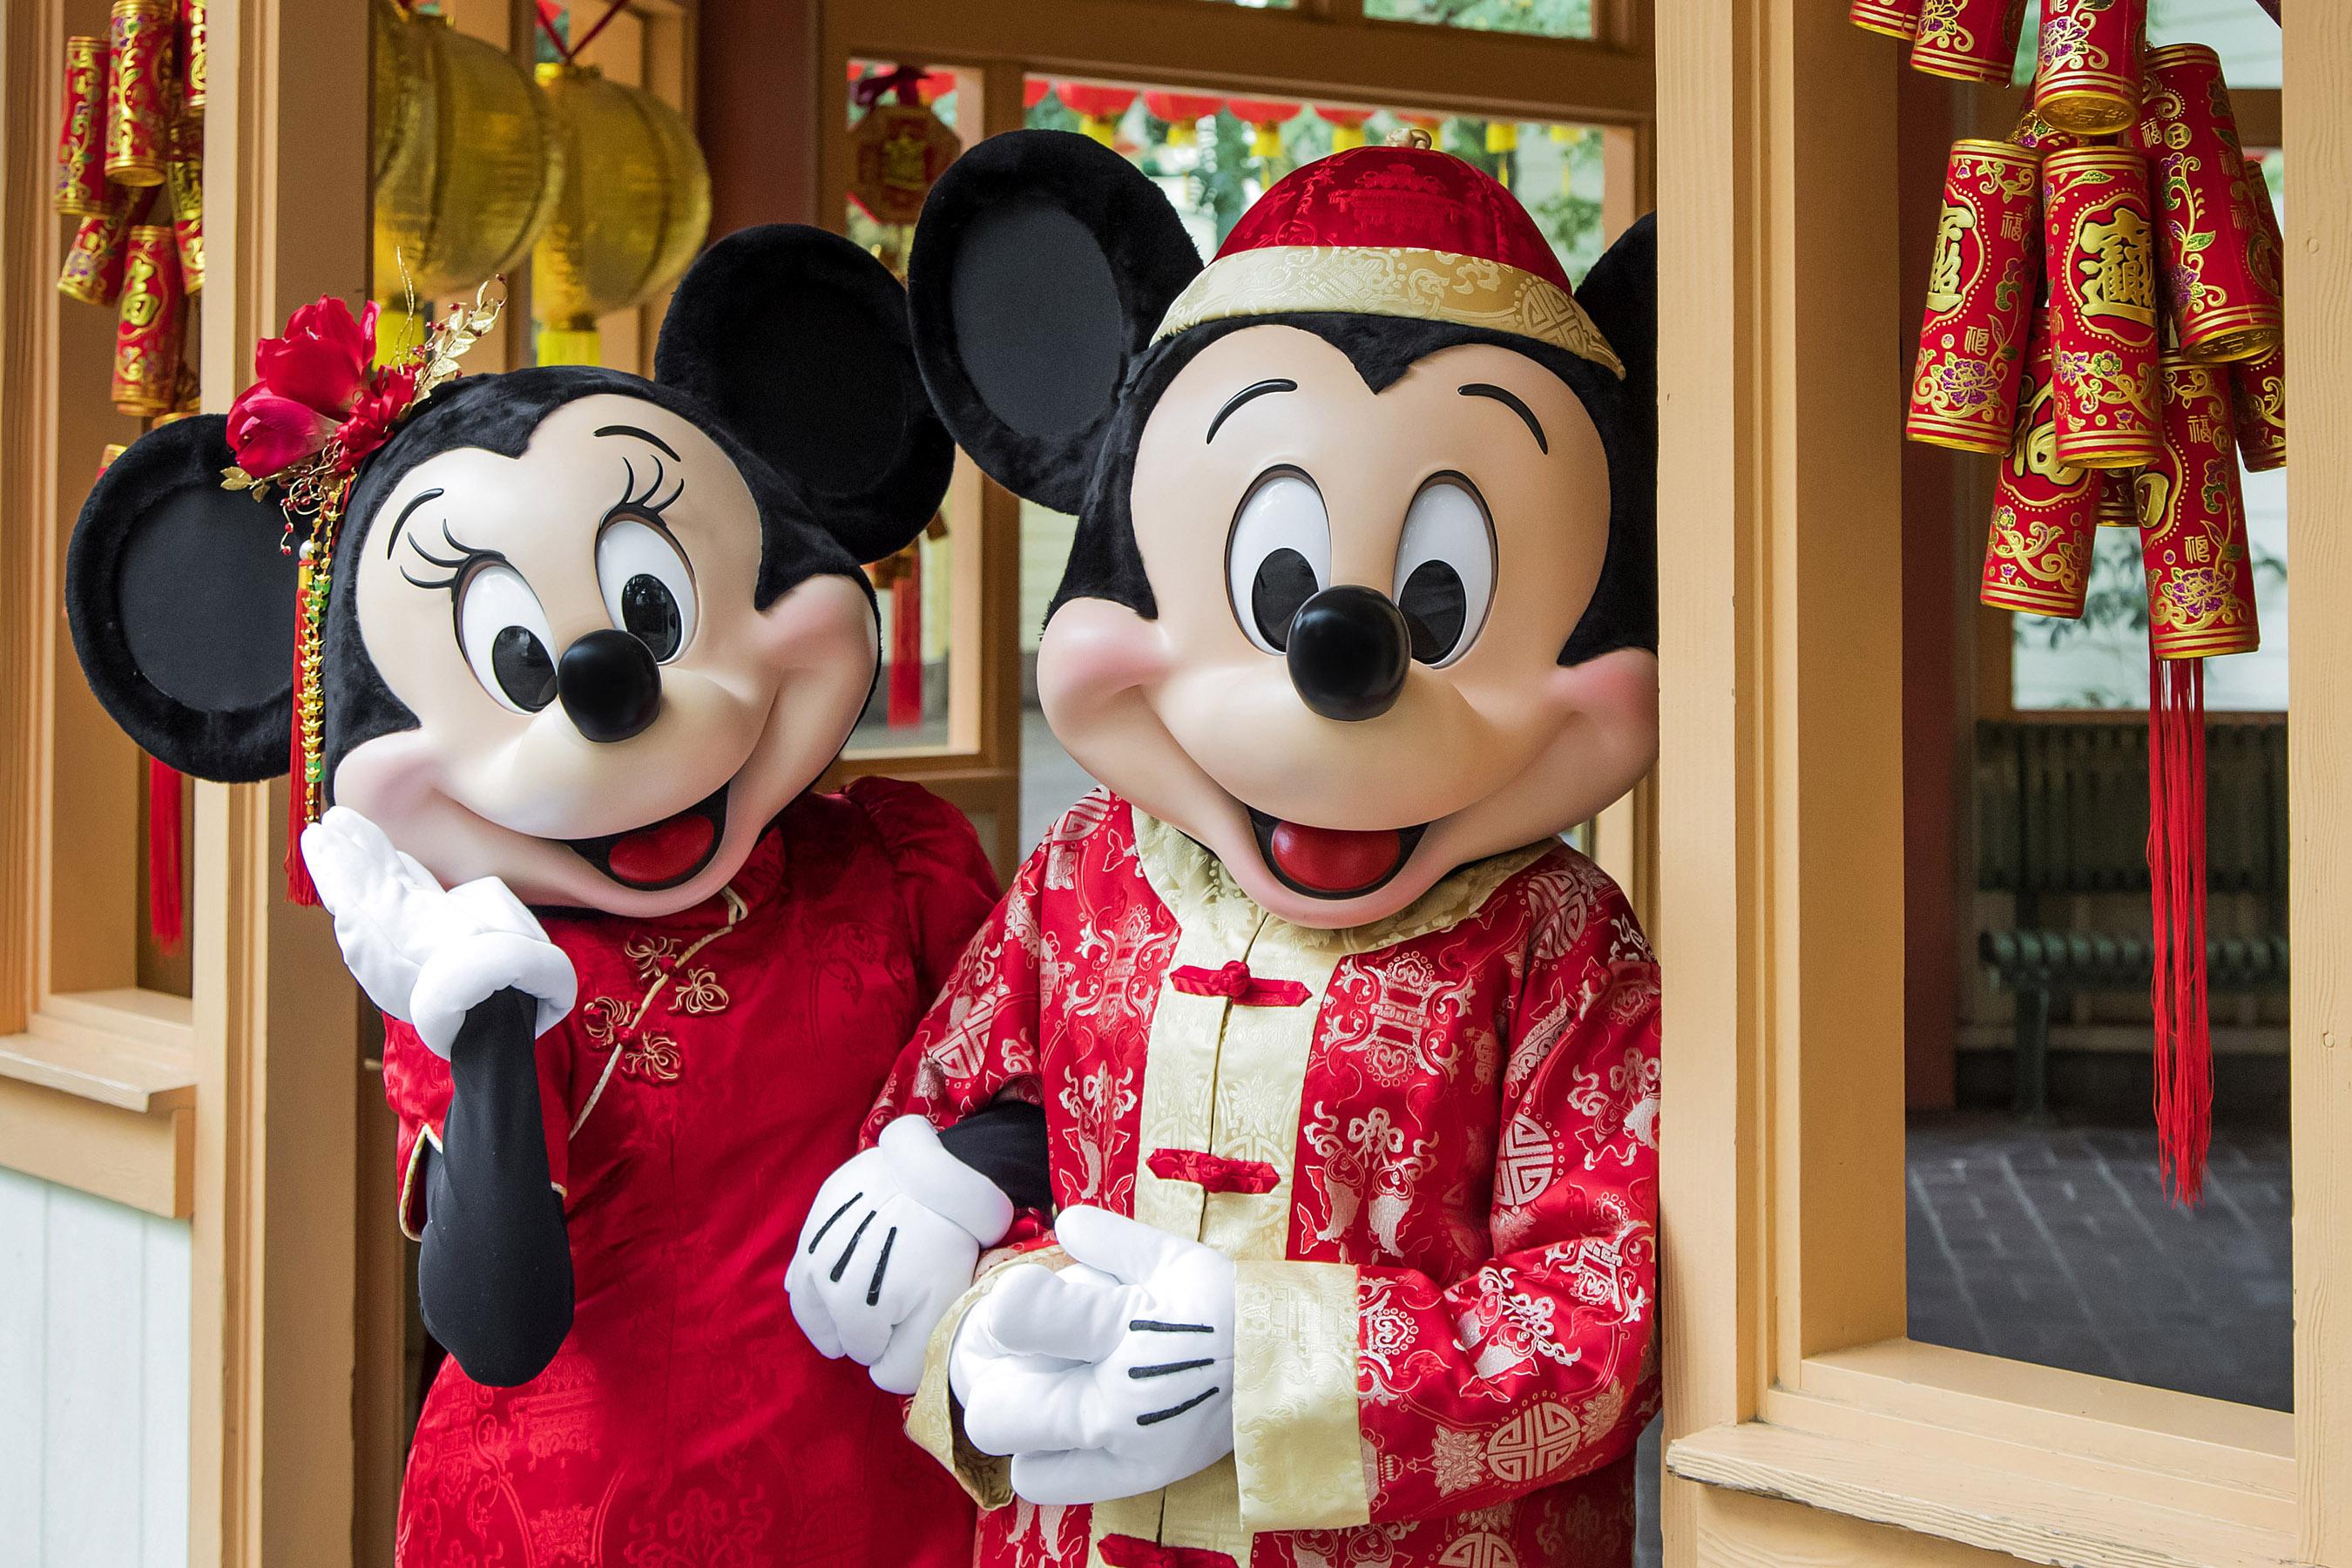 Disneyland Resort celebra el Año Nuevo Lunar con un toque de magia Disney del 25 de enero al 17 de febrero de 2019